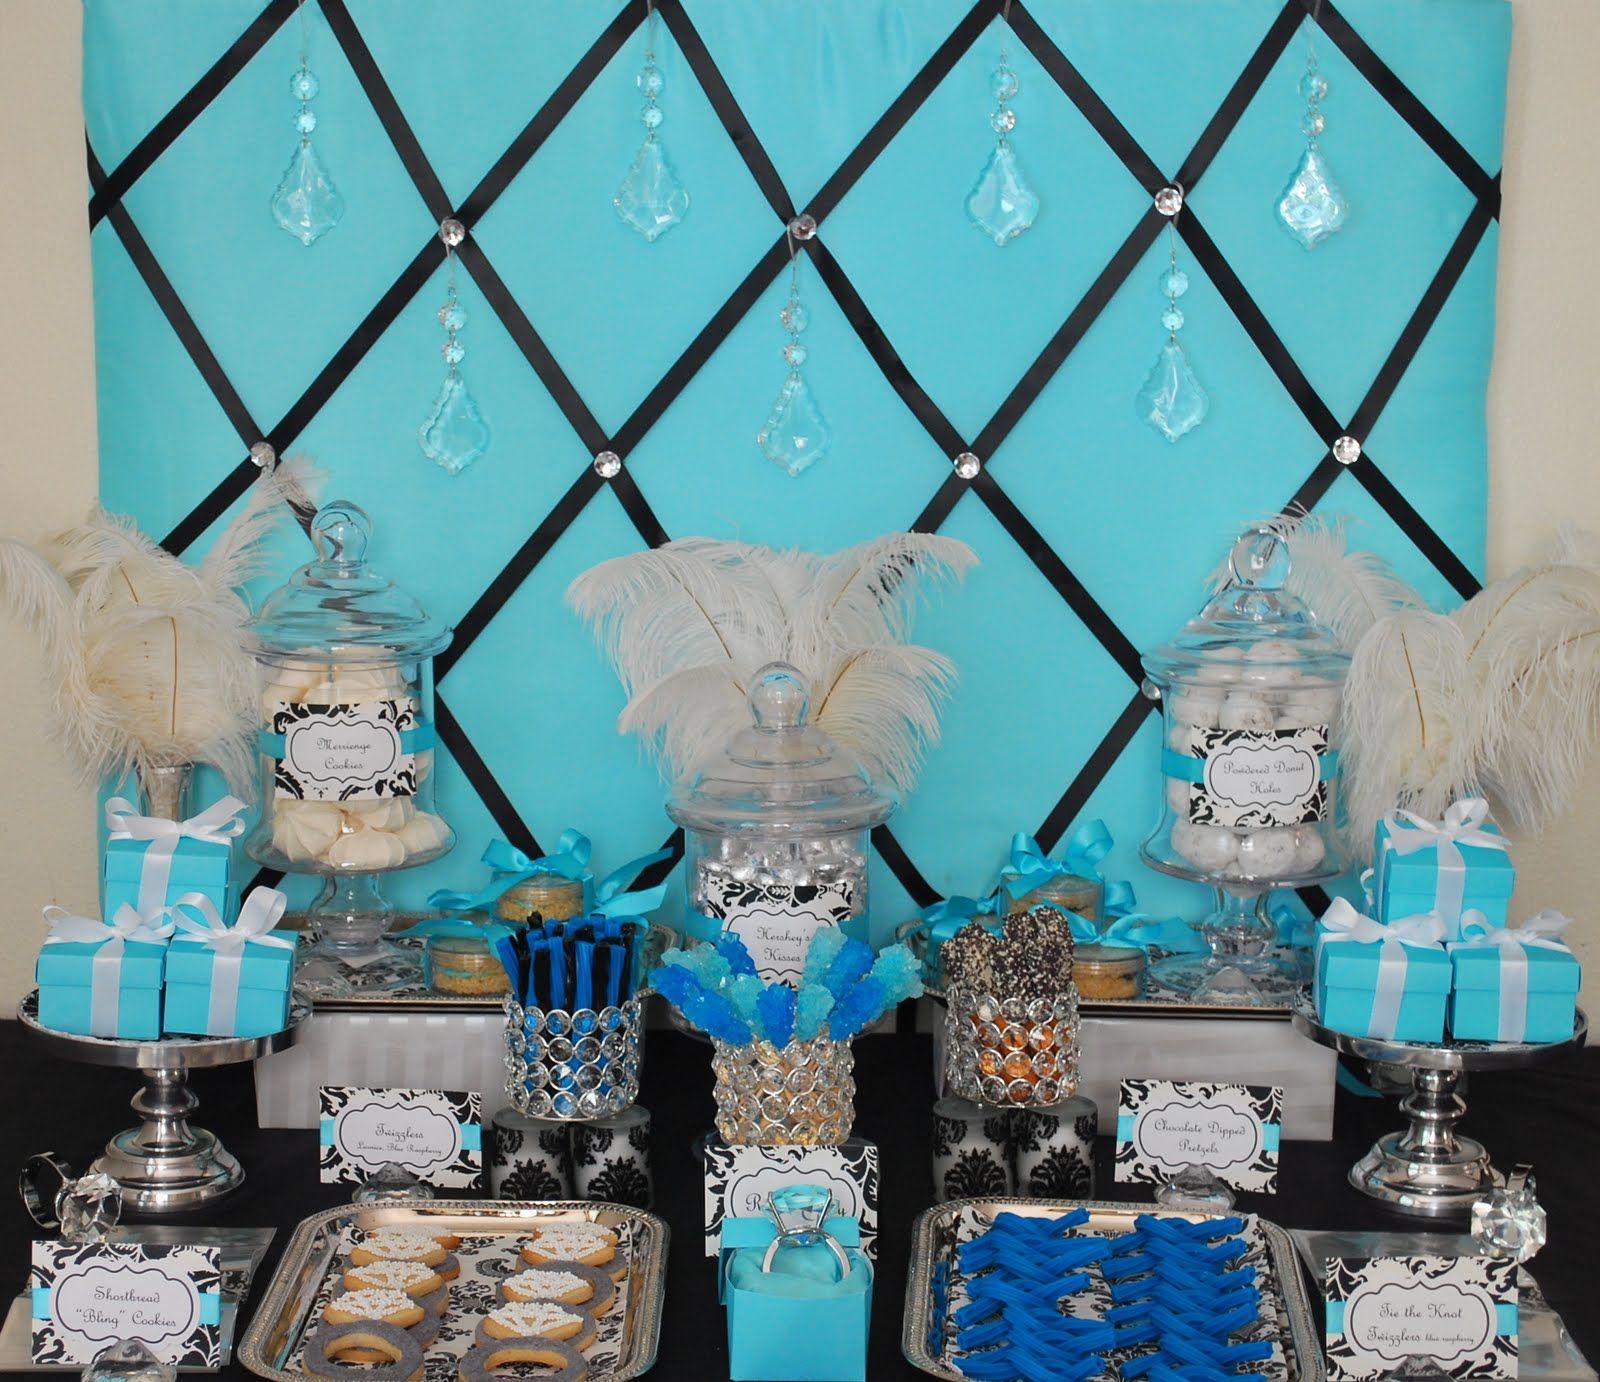 Tiffany Wedding Ideas: Birthday Party Ideas